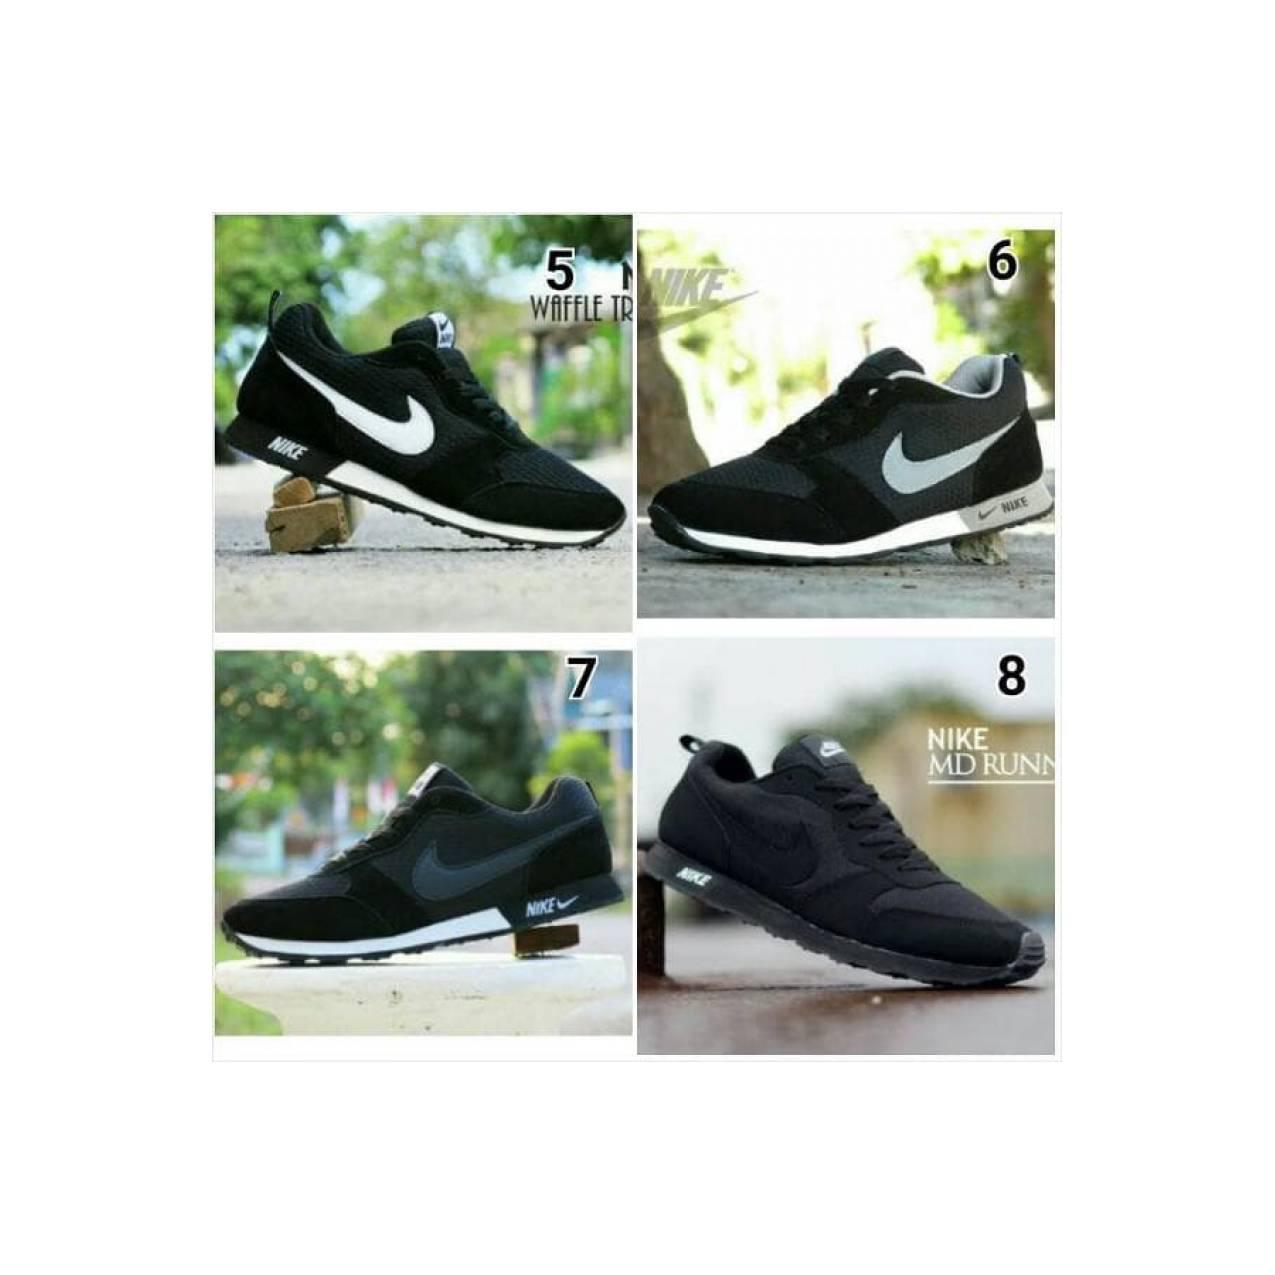 TERBARU Sepatu Pria Nike Waffle Trainner Hitam Putih / Sport / Joging